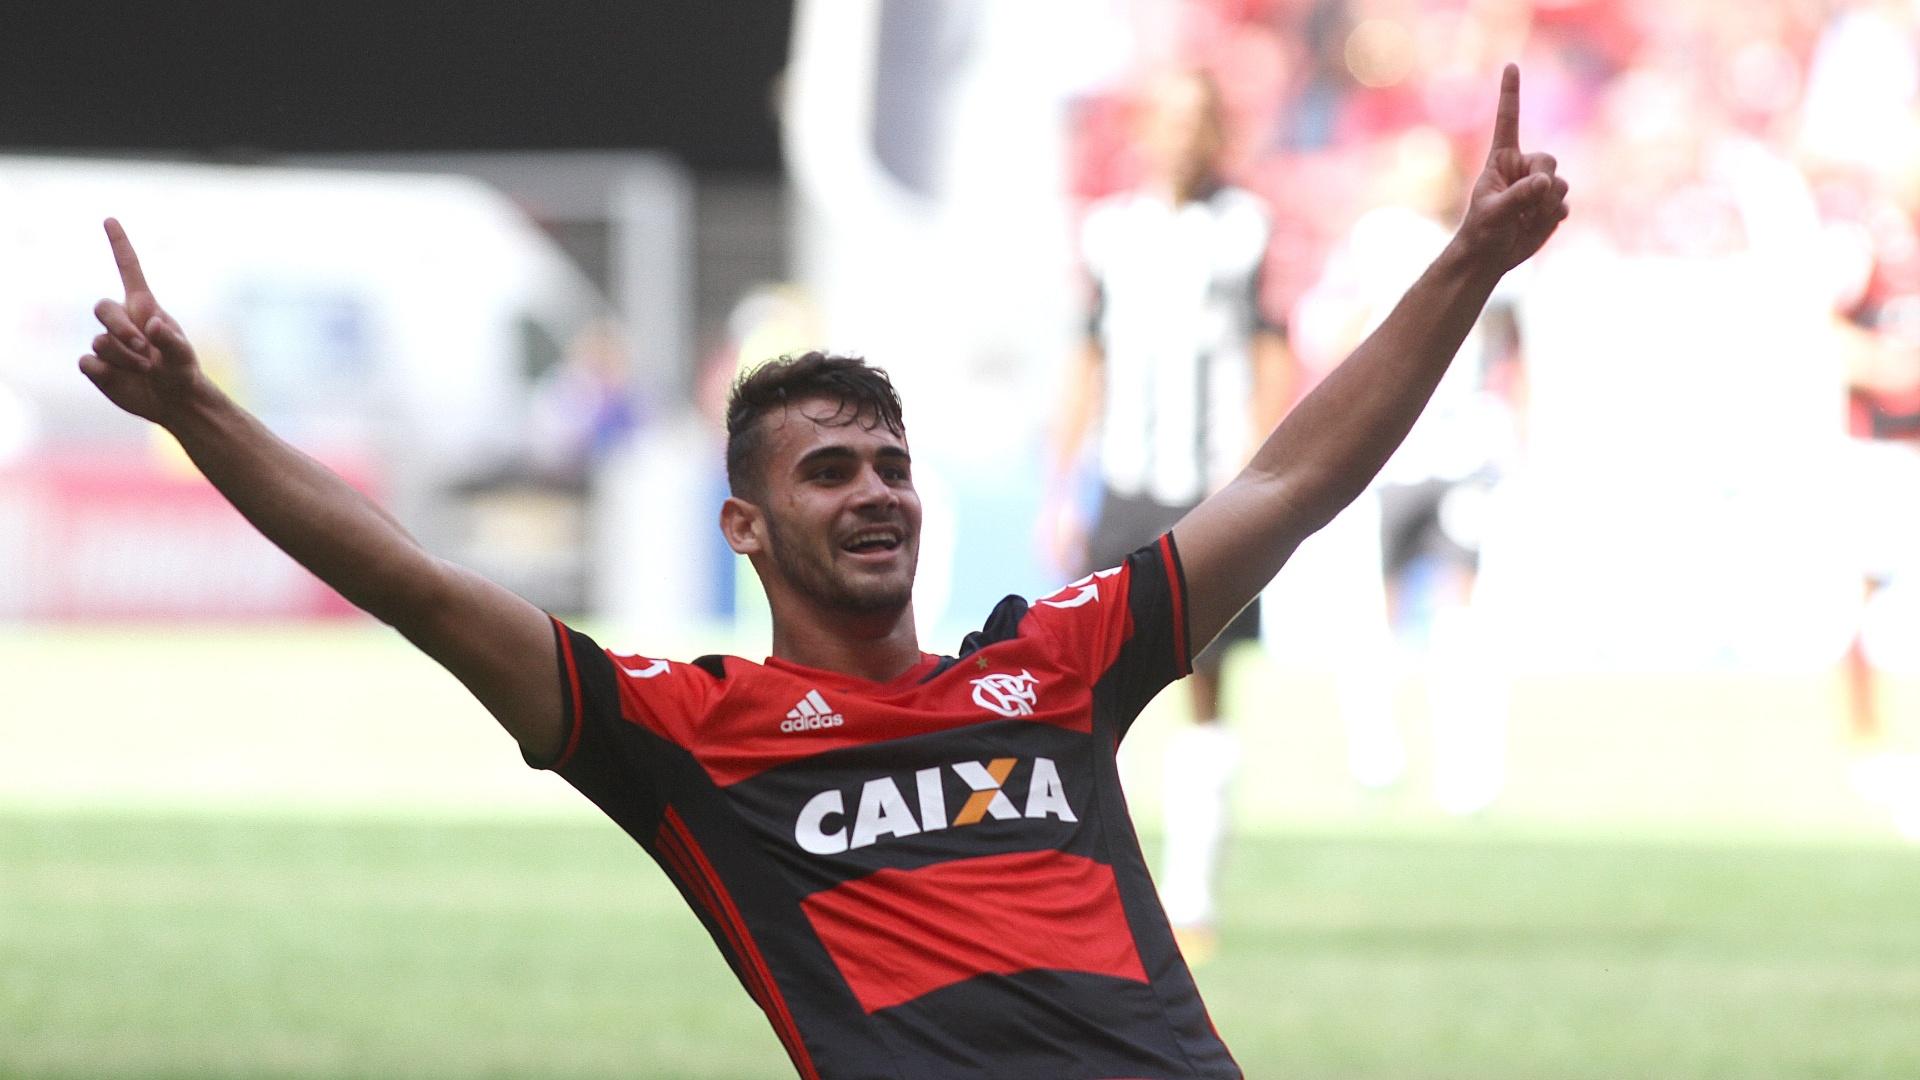 Felipe Vizeu fez dois gols na vitória do Flamengo sobre o Atlético-MG em Brasília